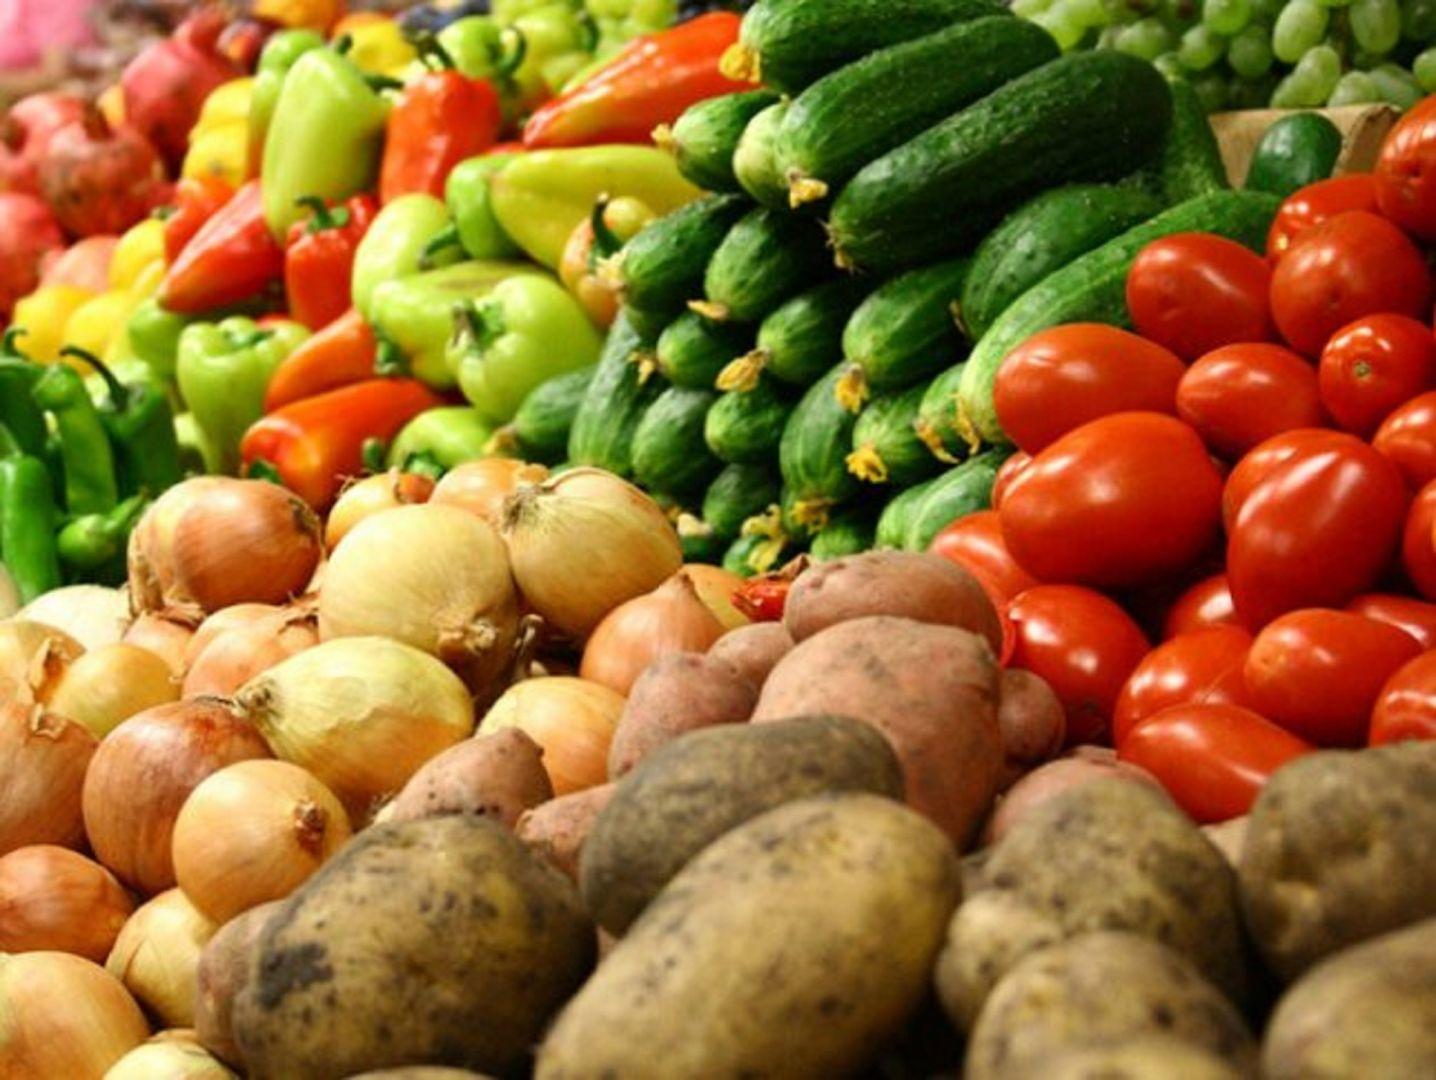 В Ставропольском крае в два раза увеличилась поддержка овощеводства